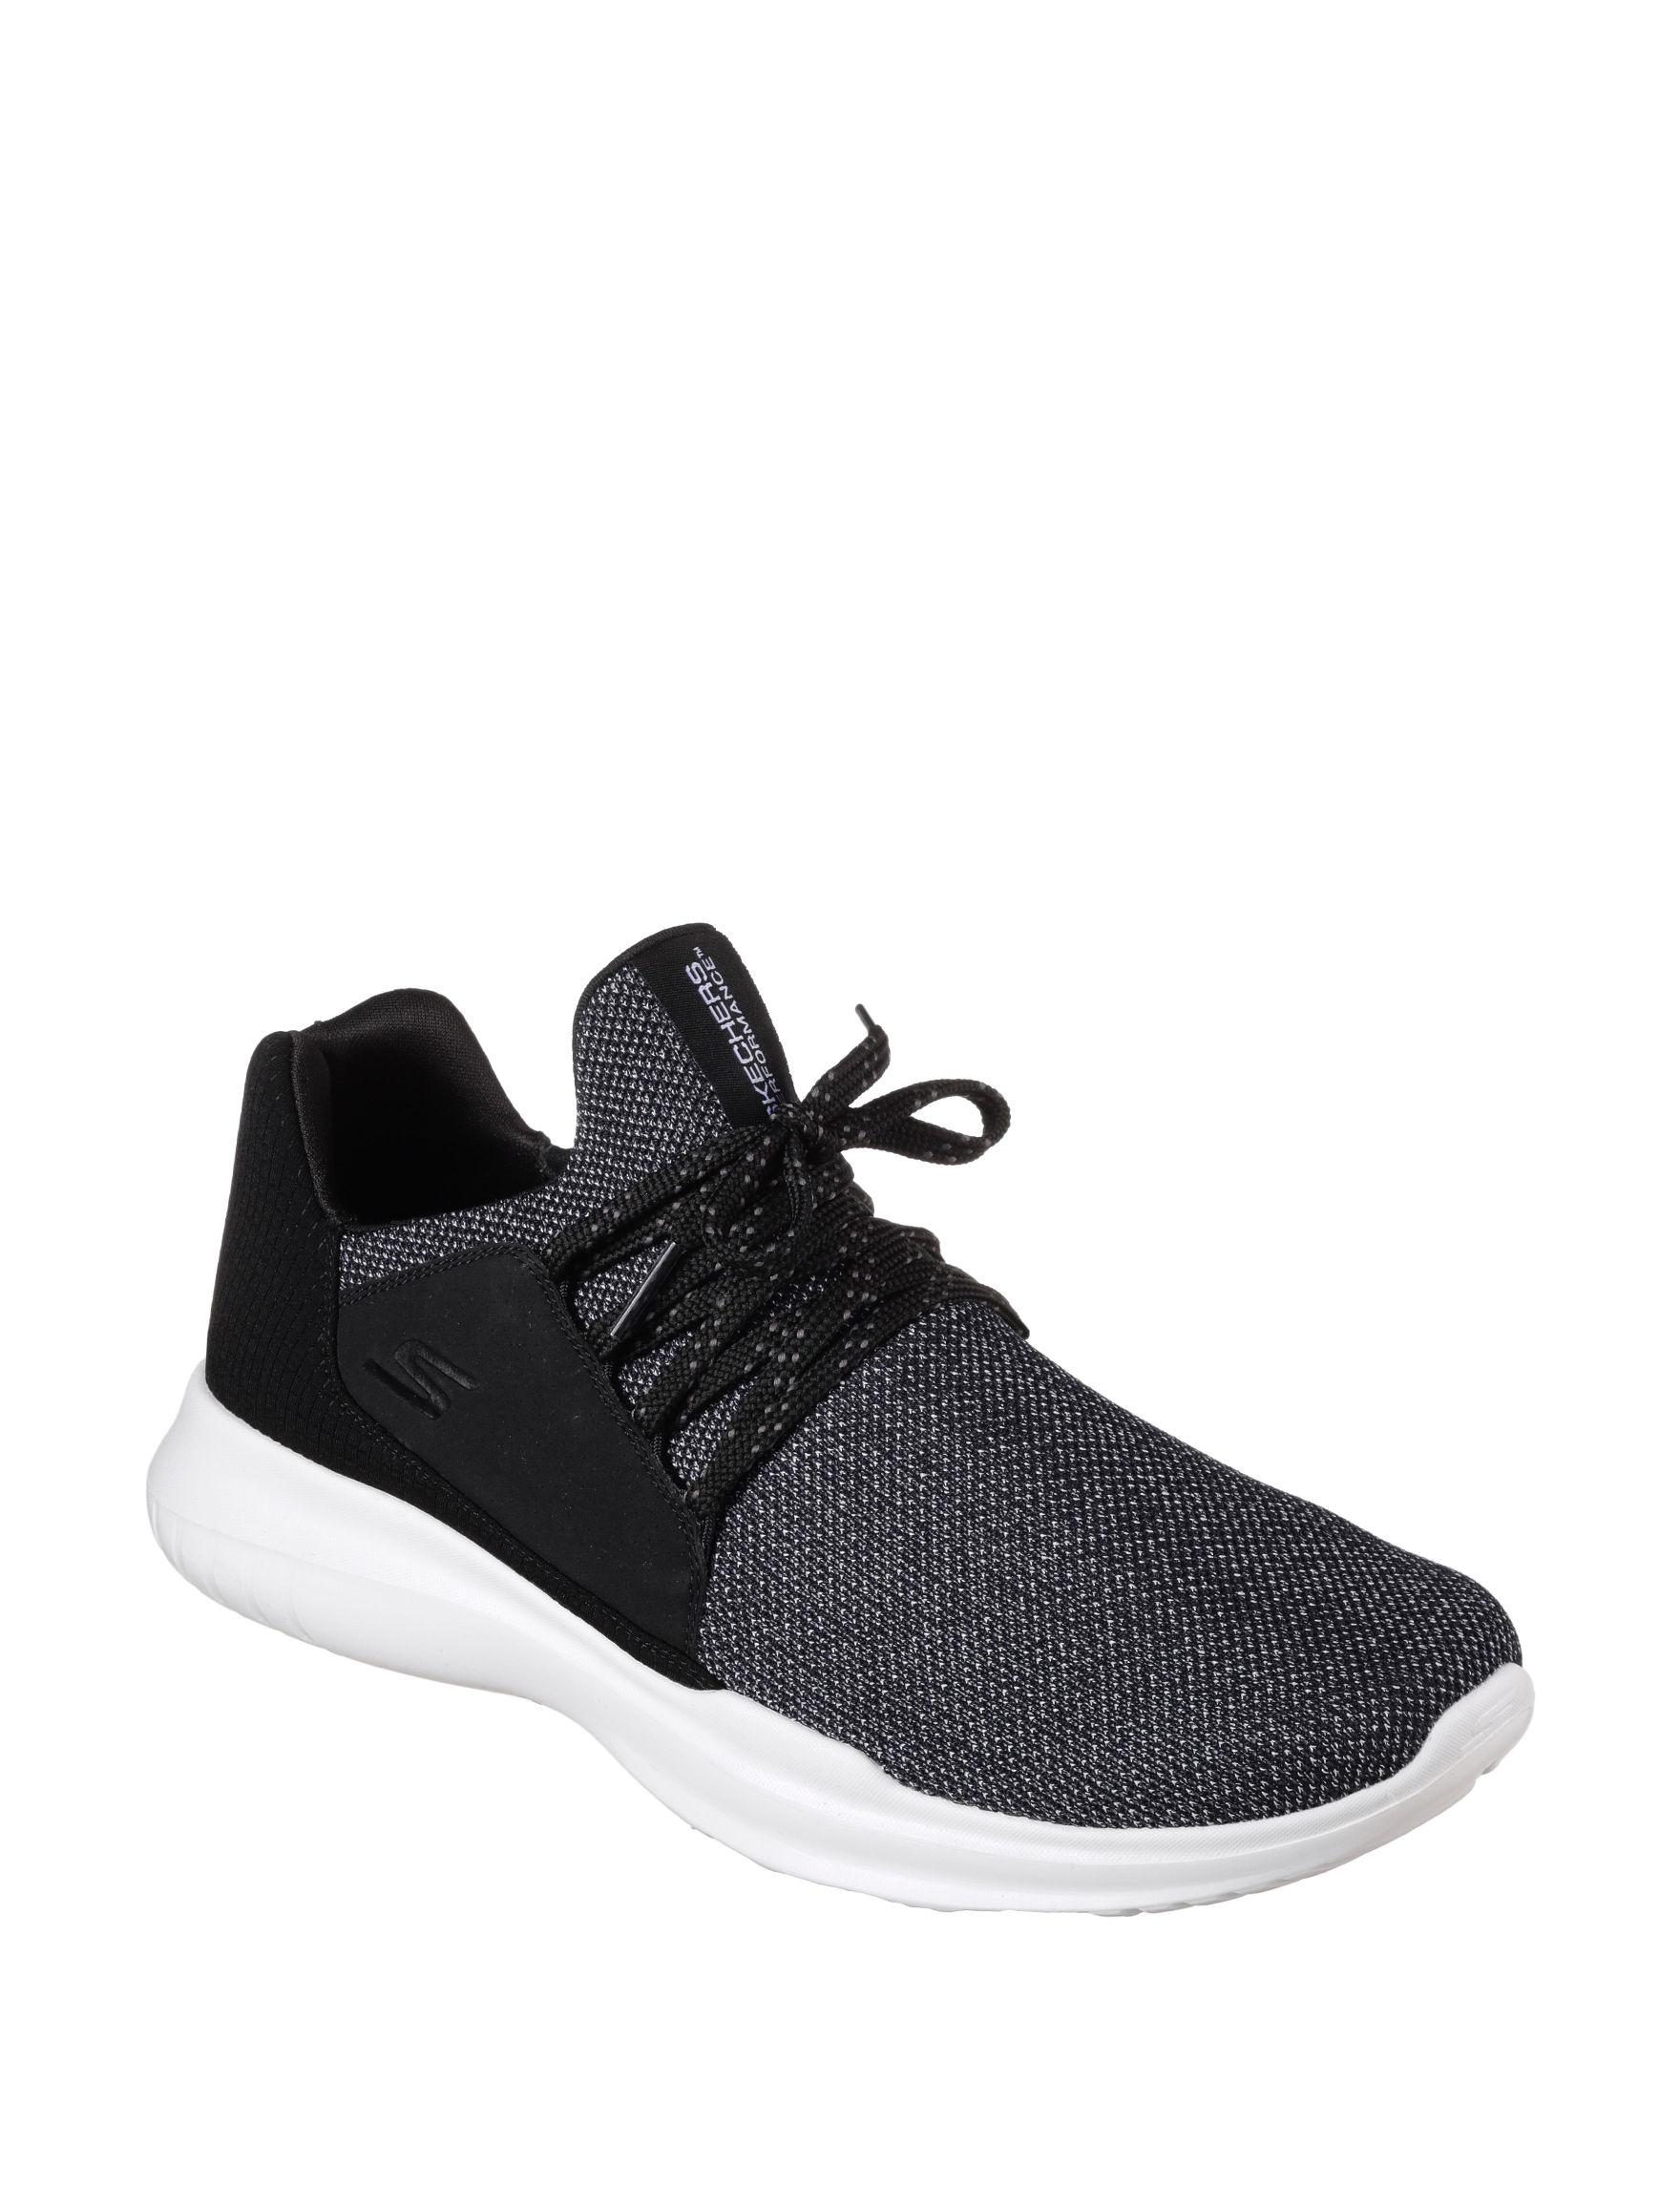 Skechers Black /  White